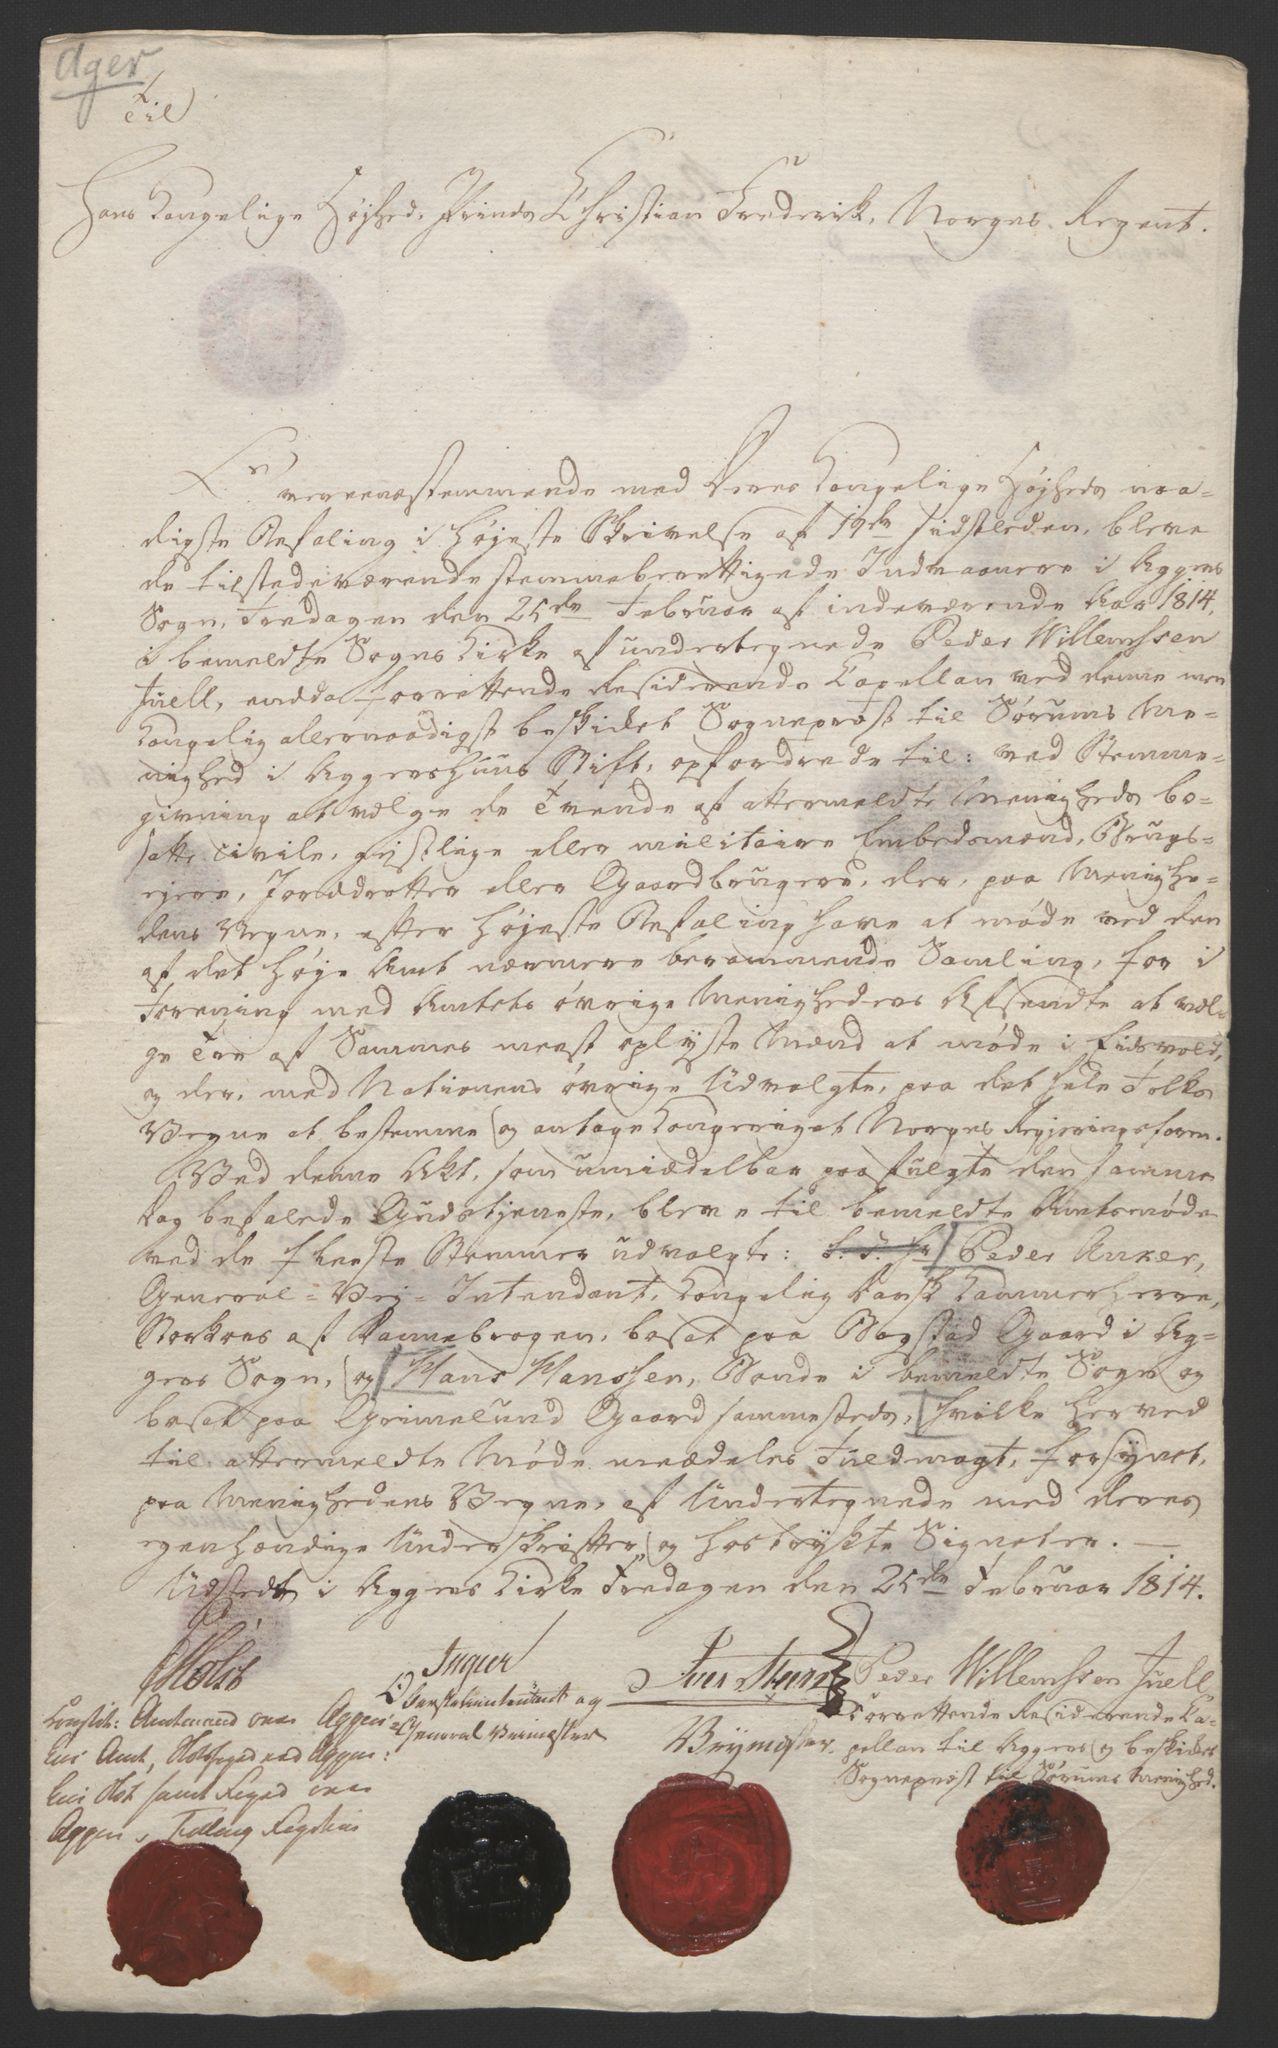 RA, Statsrådssekretariatet, D/Db/L0007: Fullmakter for Eidsvollsrepresentantene i 1814. , 1814, s. 173